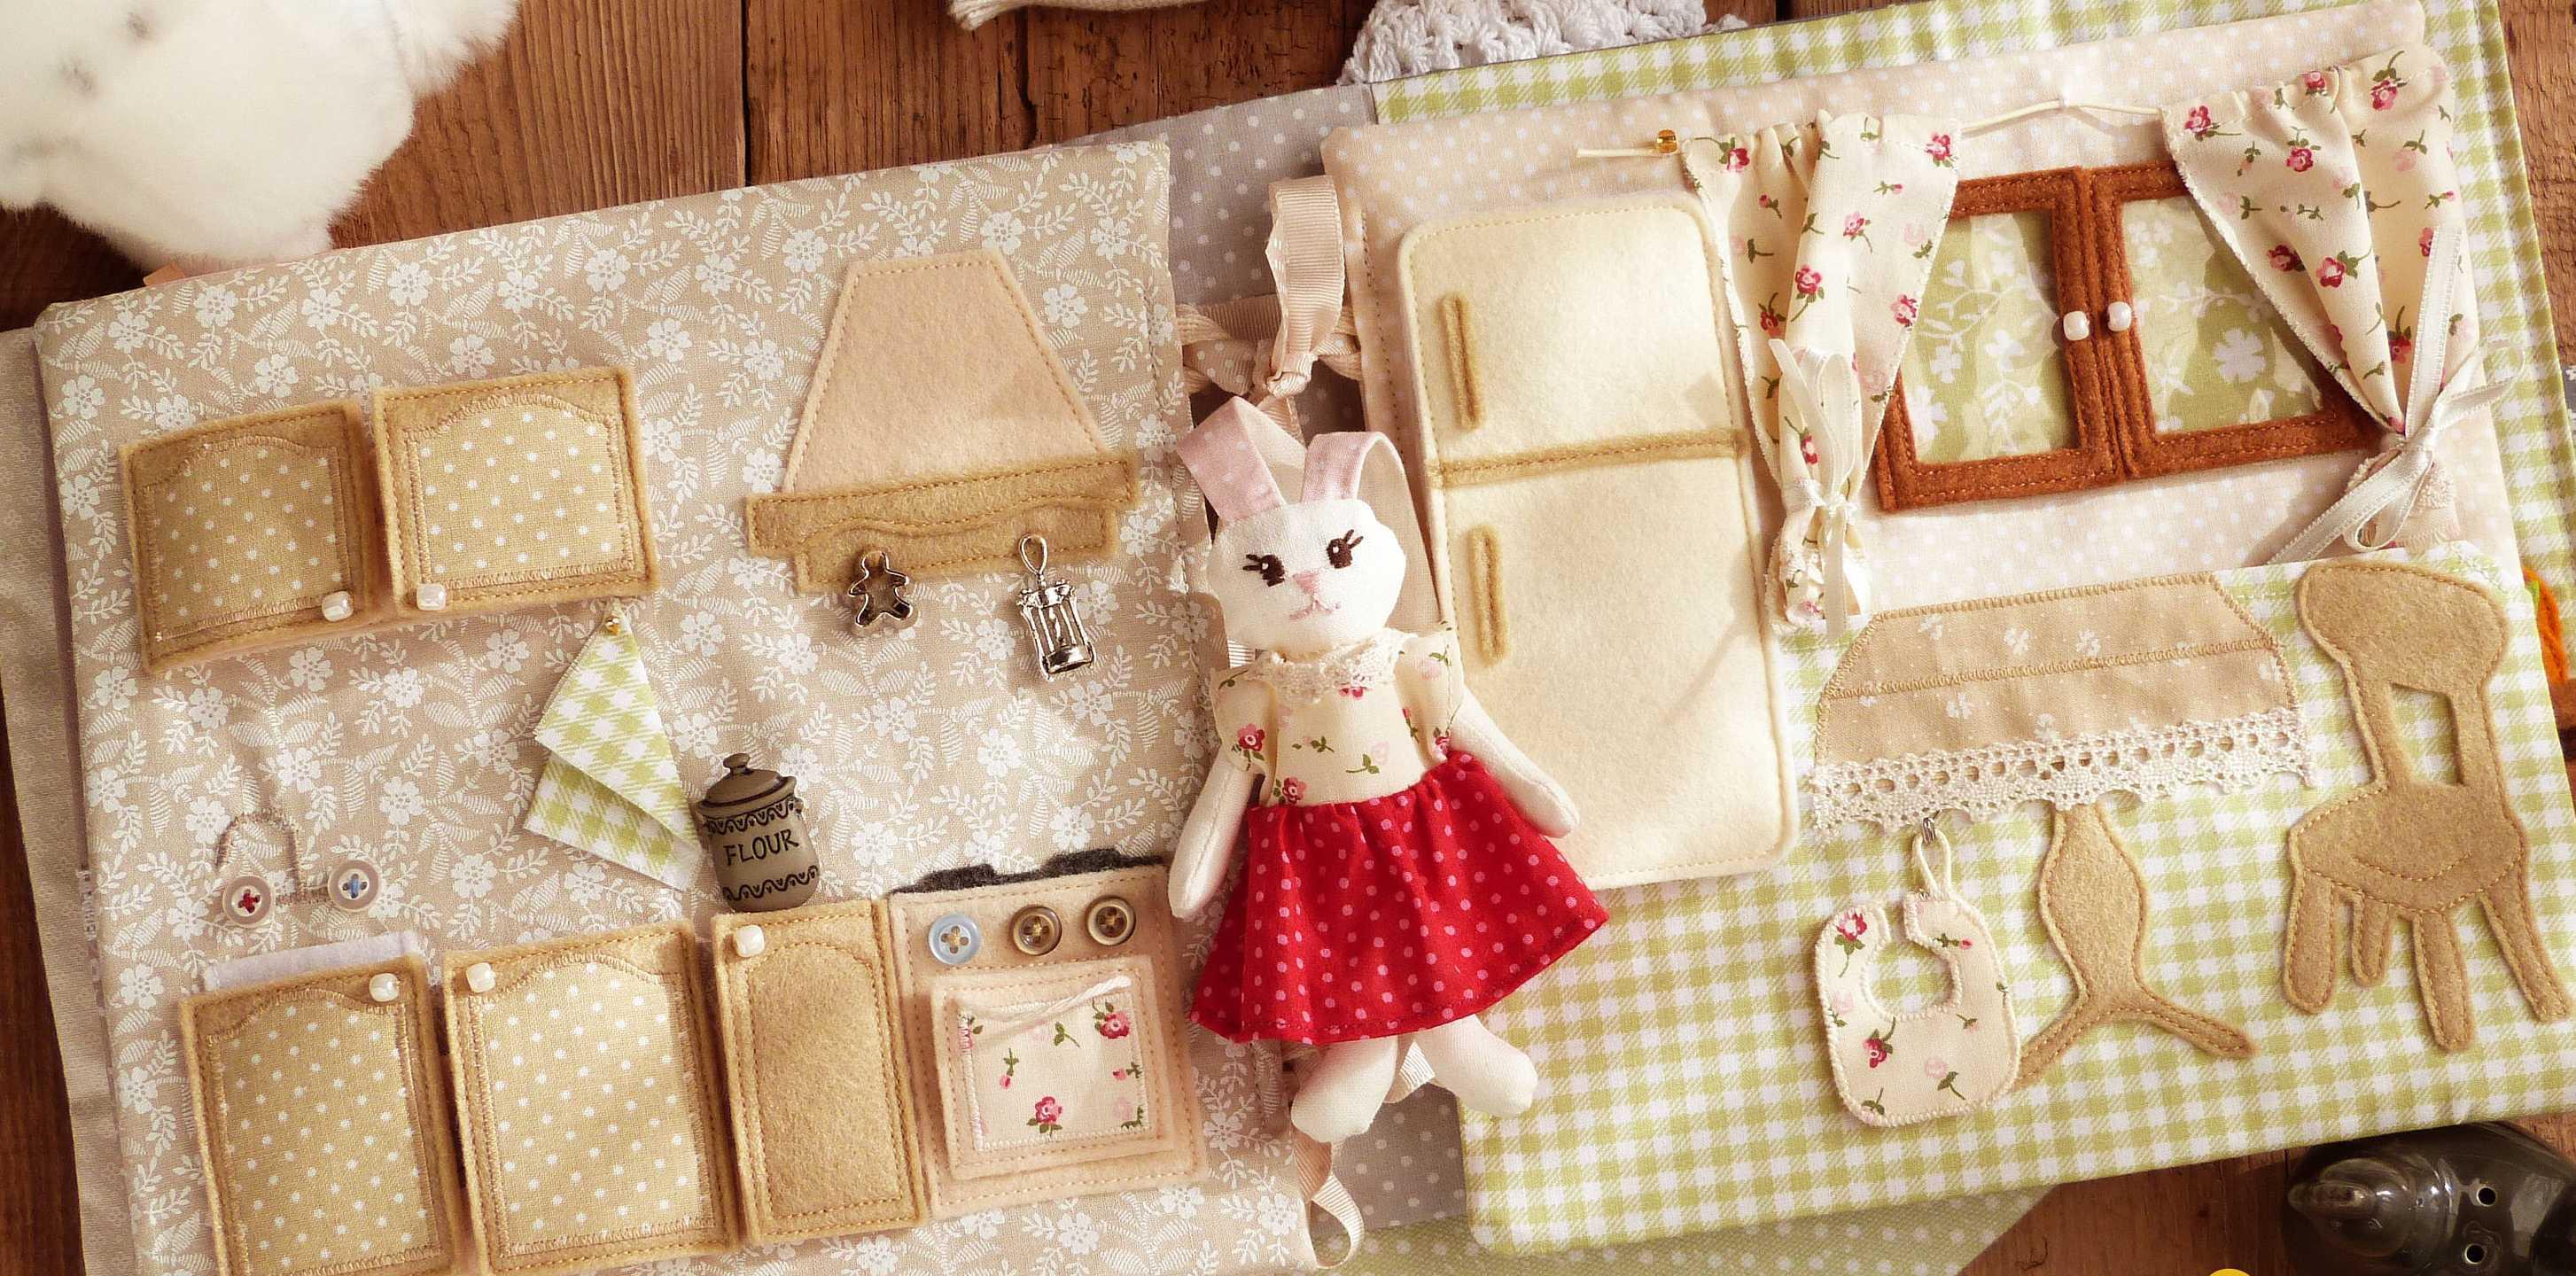 Casa de muñecas de tela - cocina con adornos